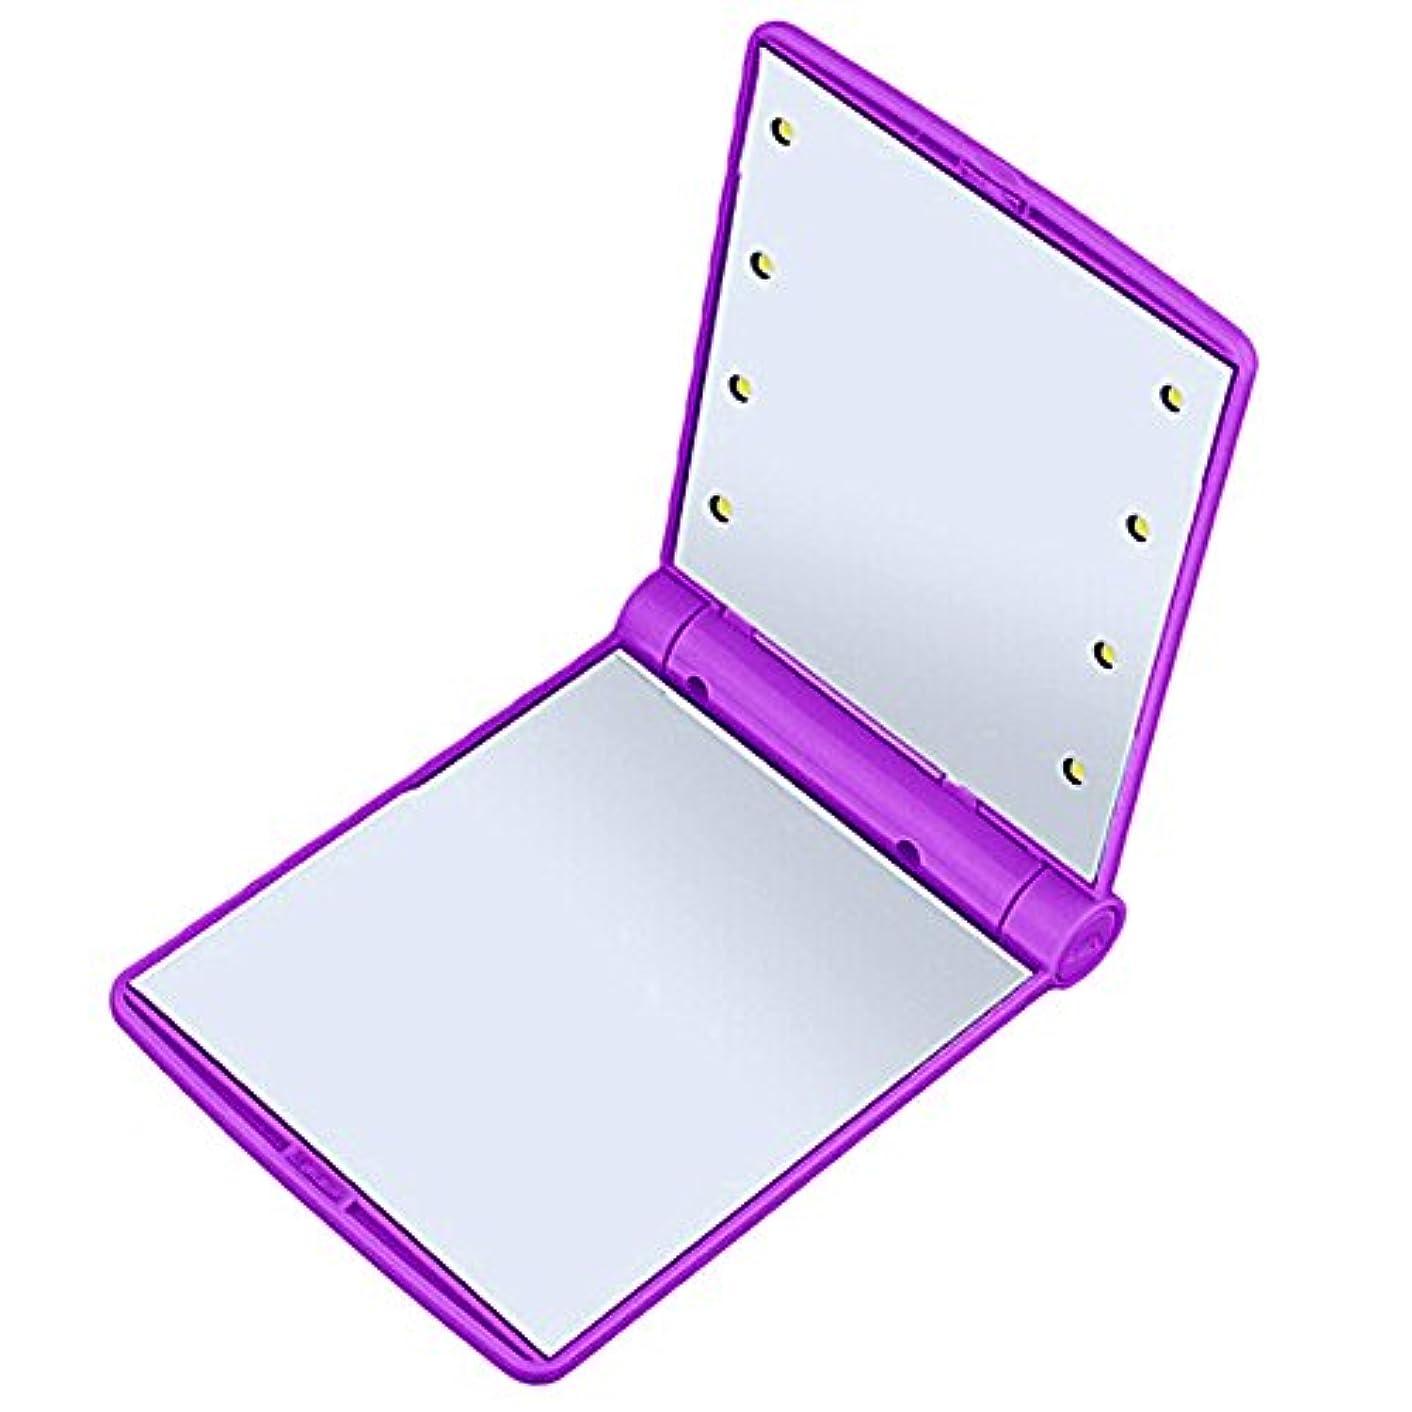 ボンドみすぼらしい実装するQIAONAI 鏡 化粧鏡  LEDライト付き  コンパクトミラー 化粧鏡  LEDミラー  女優ミラー  折りたたみ式 二面鏡  スタンドミラー   コンパクト  LEDライト8個 女性